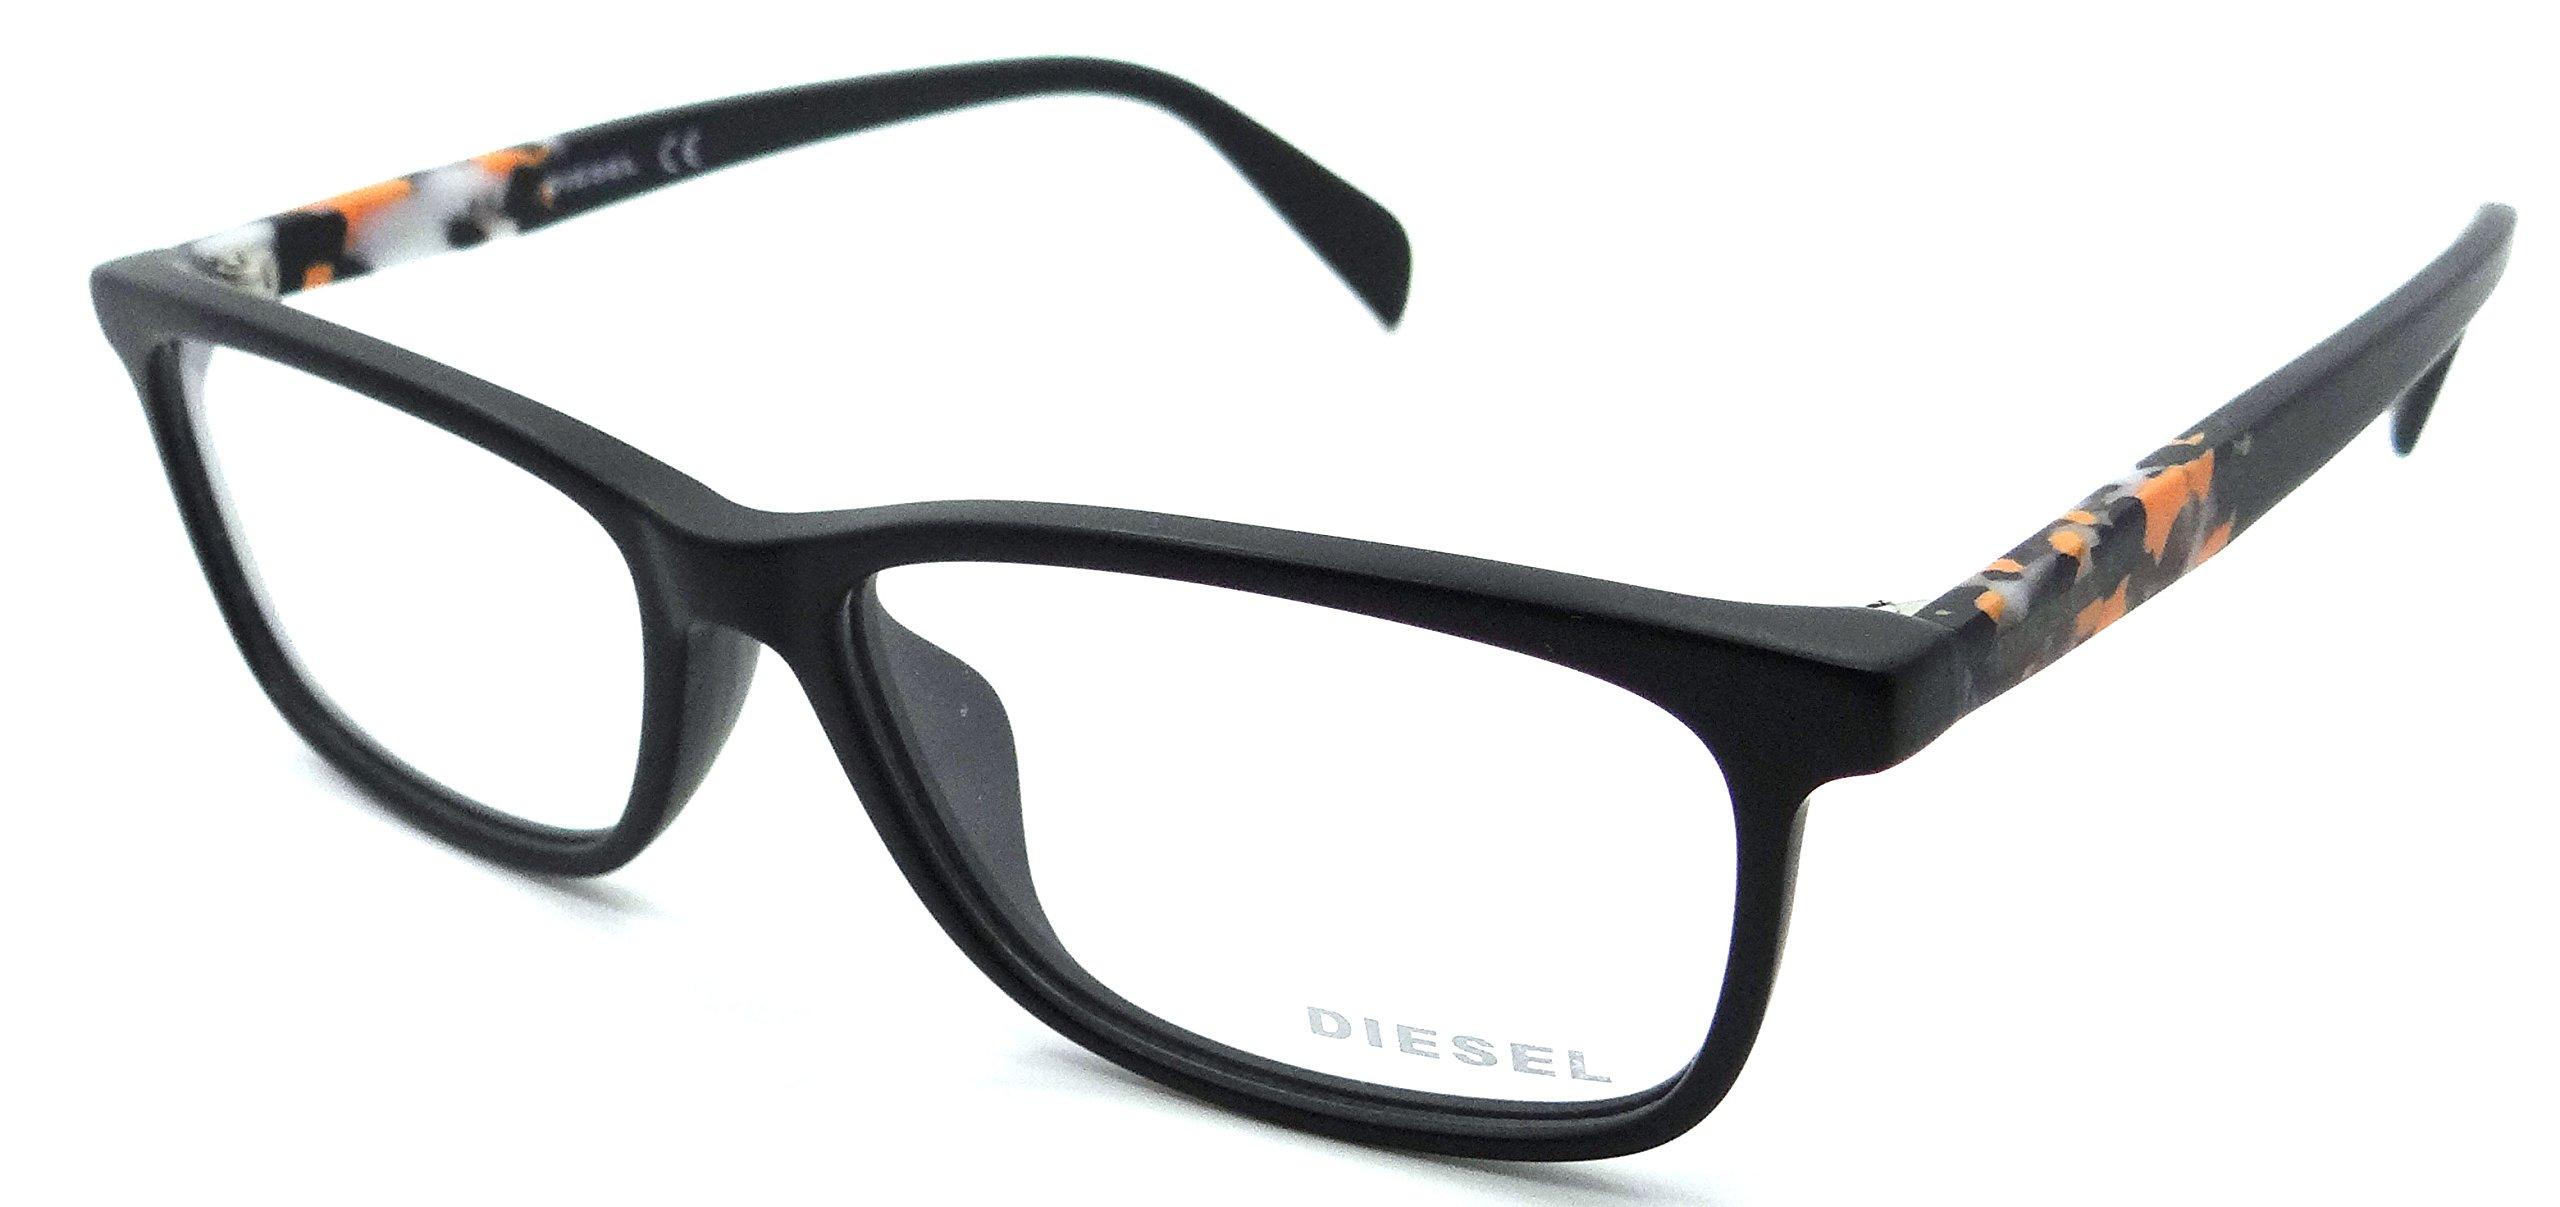 Diesel Rx Eyeglasses Frames DL5141-D 002 57-15-150 Matte Black Asian Fit